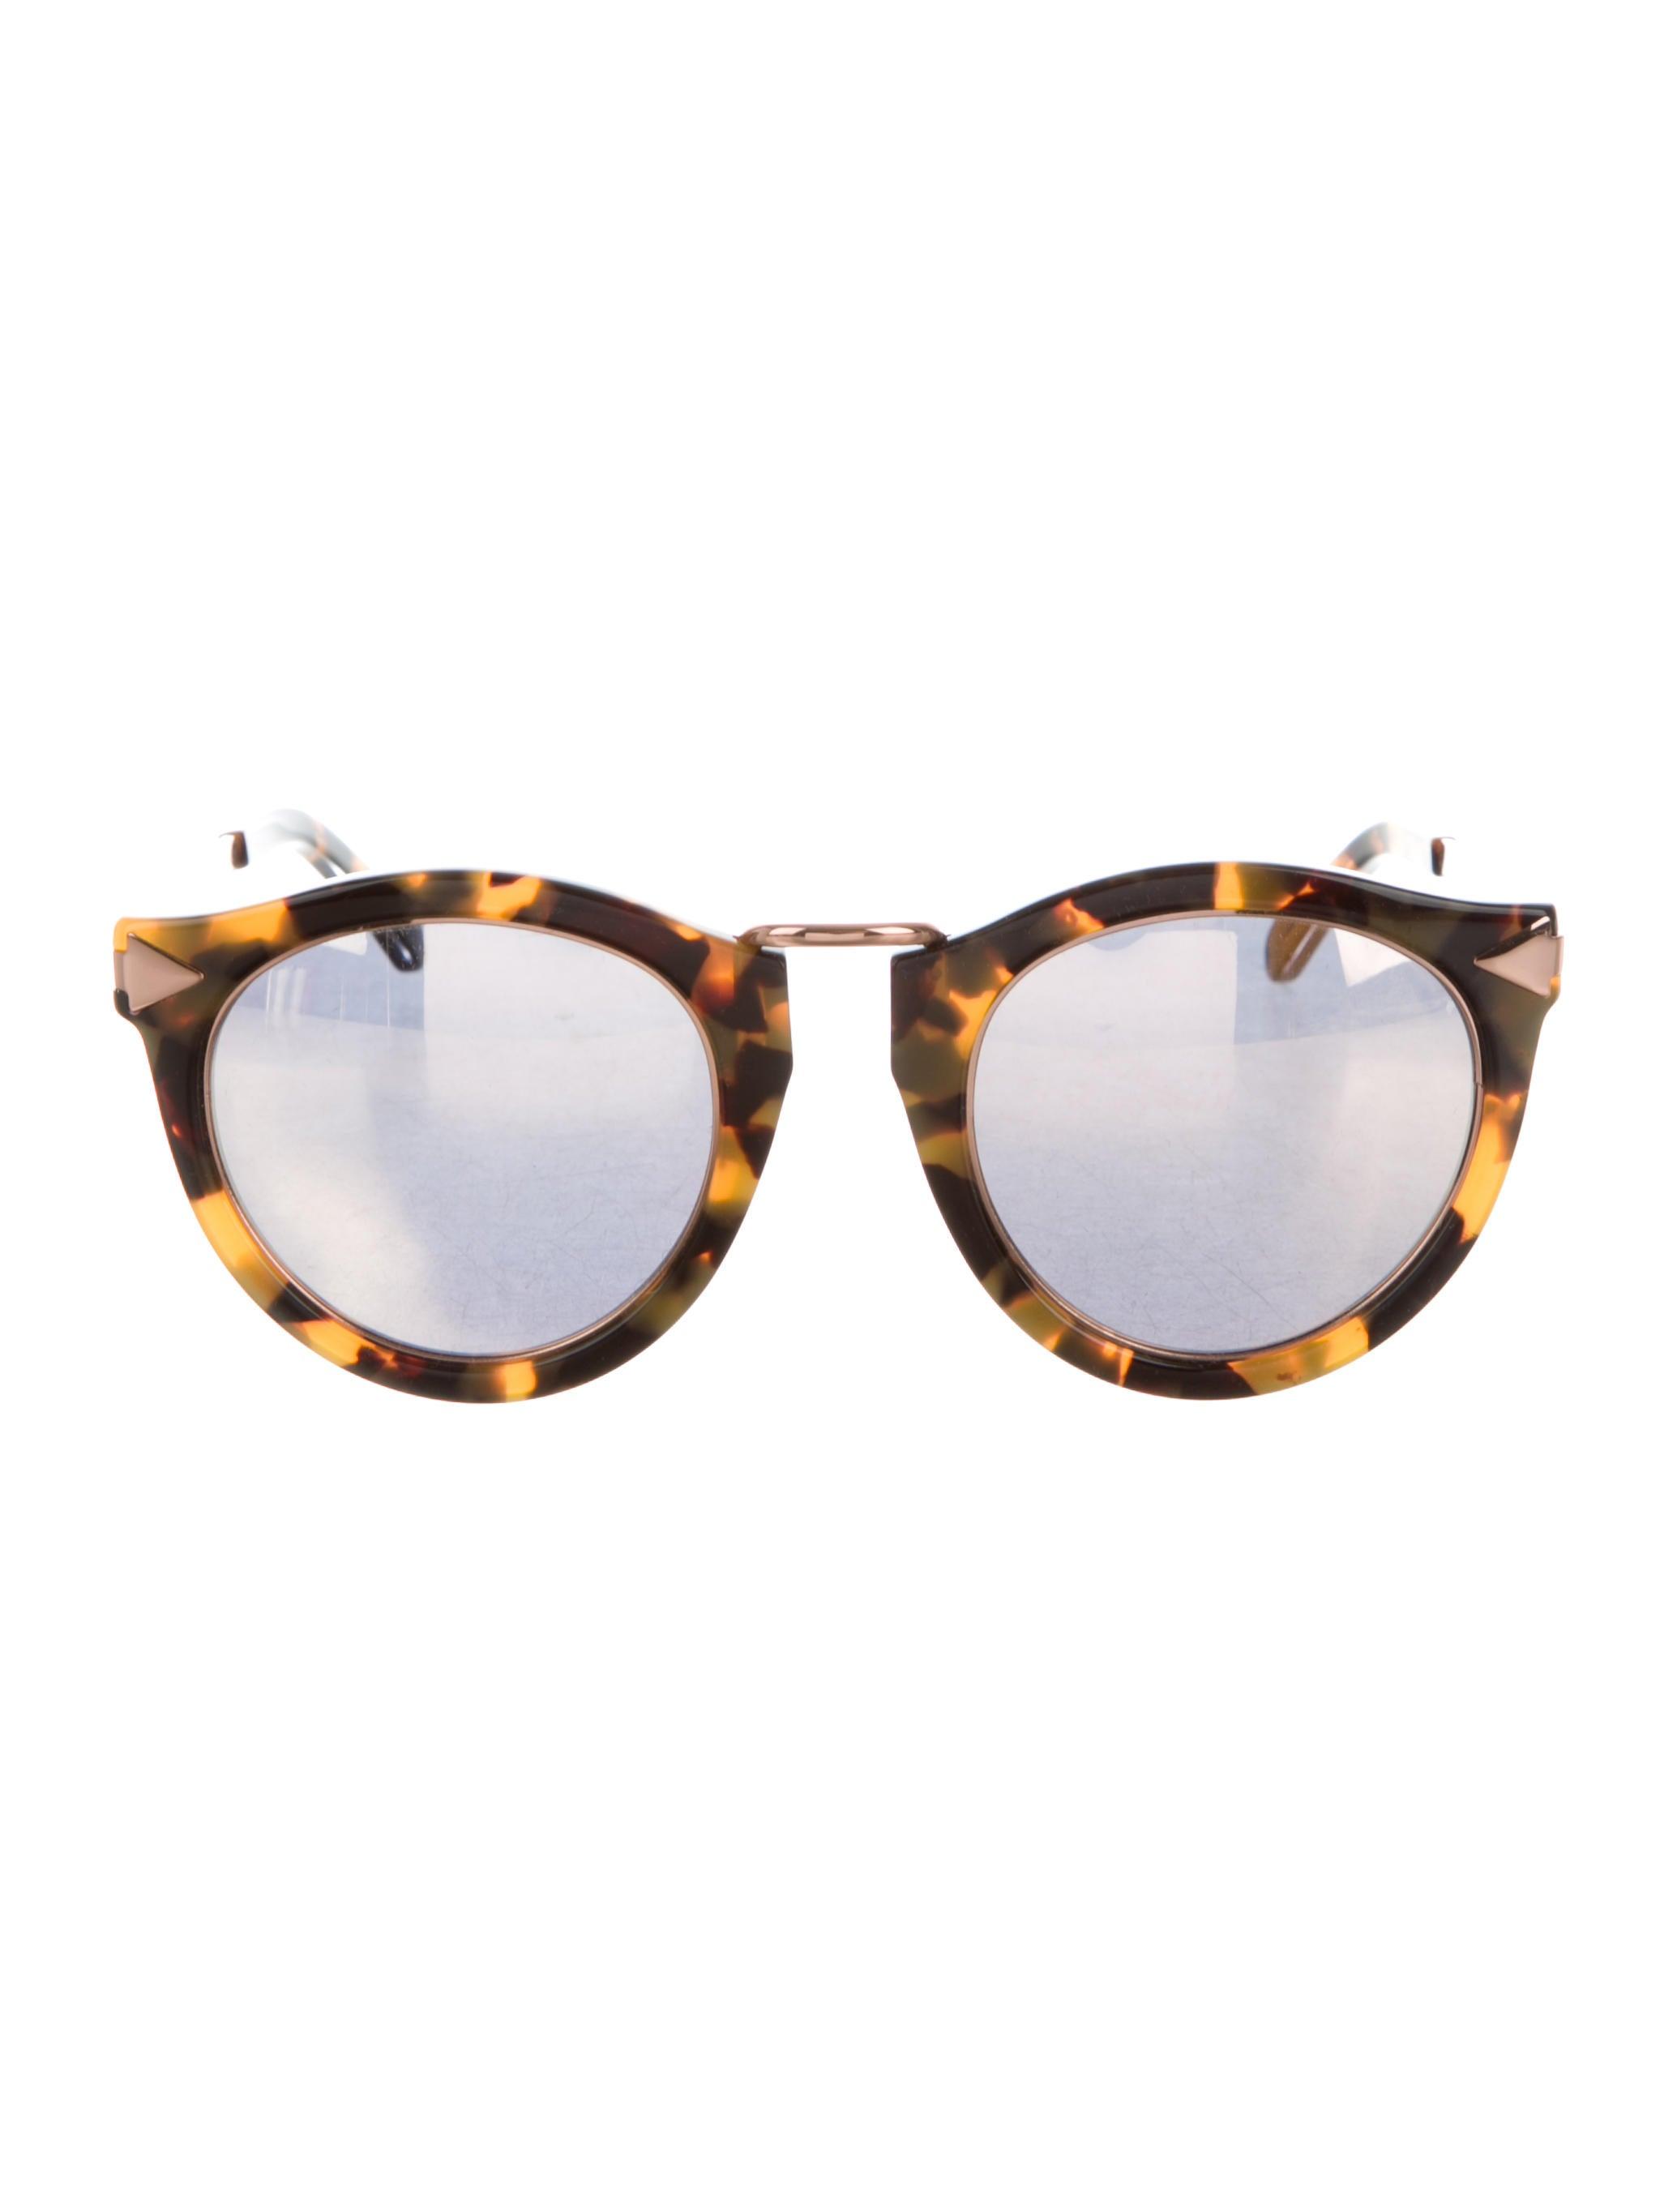 731ad549af Karen Walker Harvest Superstars Sunglasses - Accessories - KAR21349